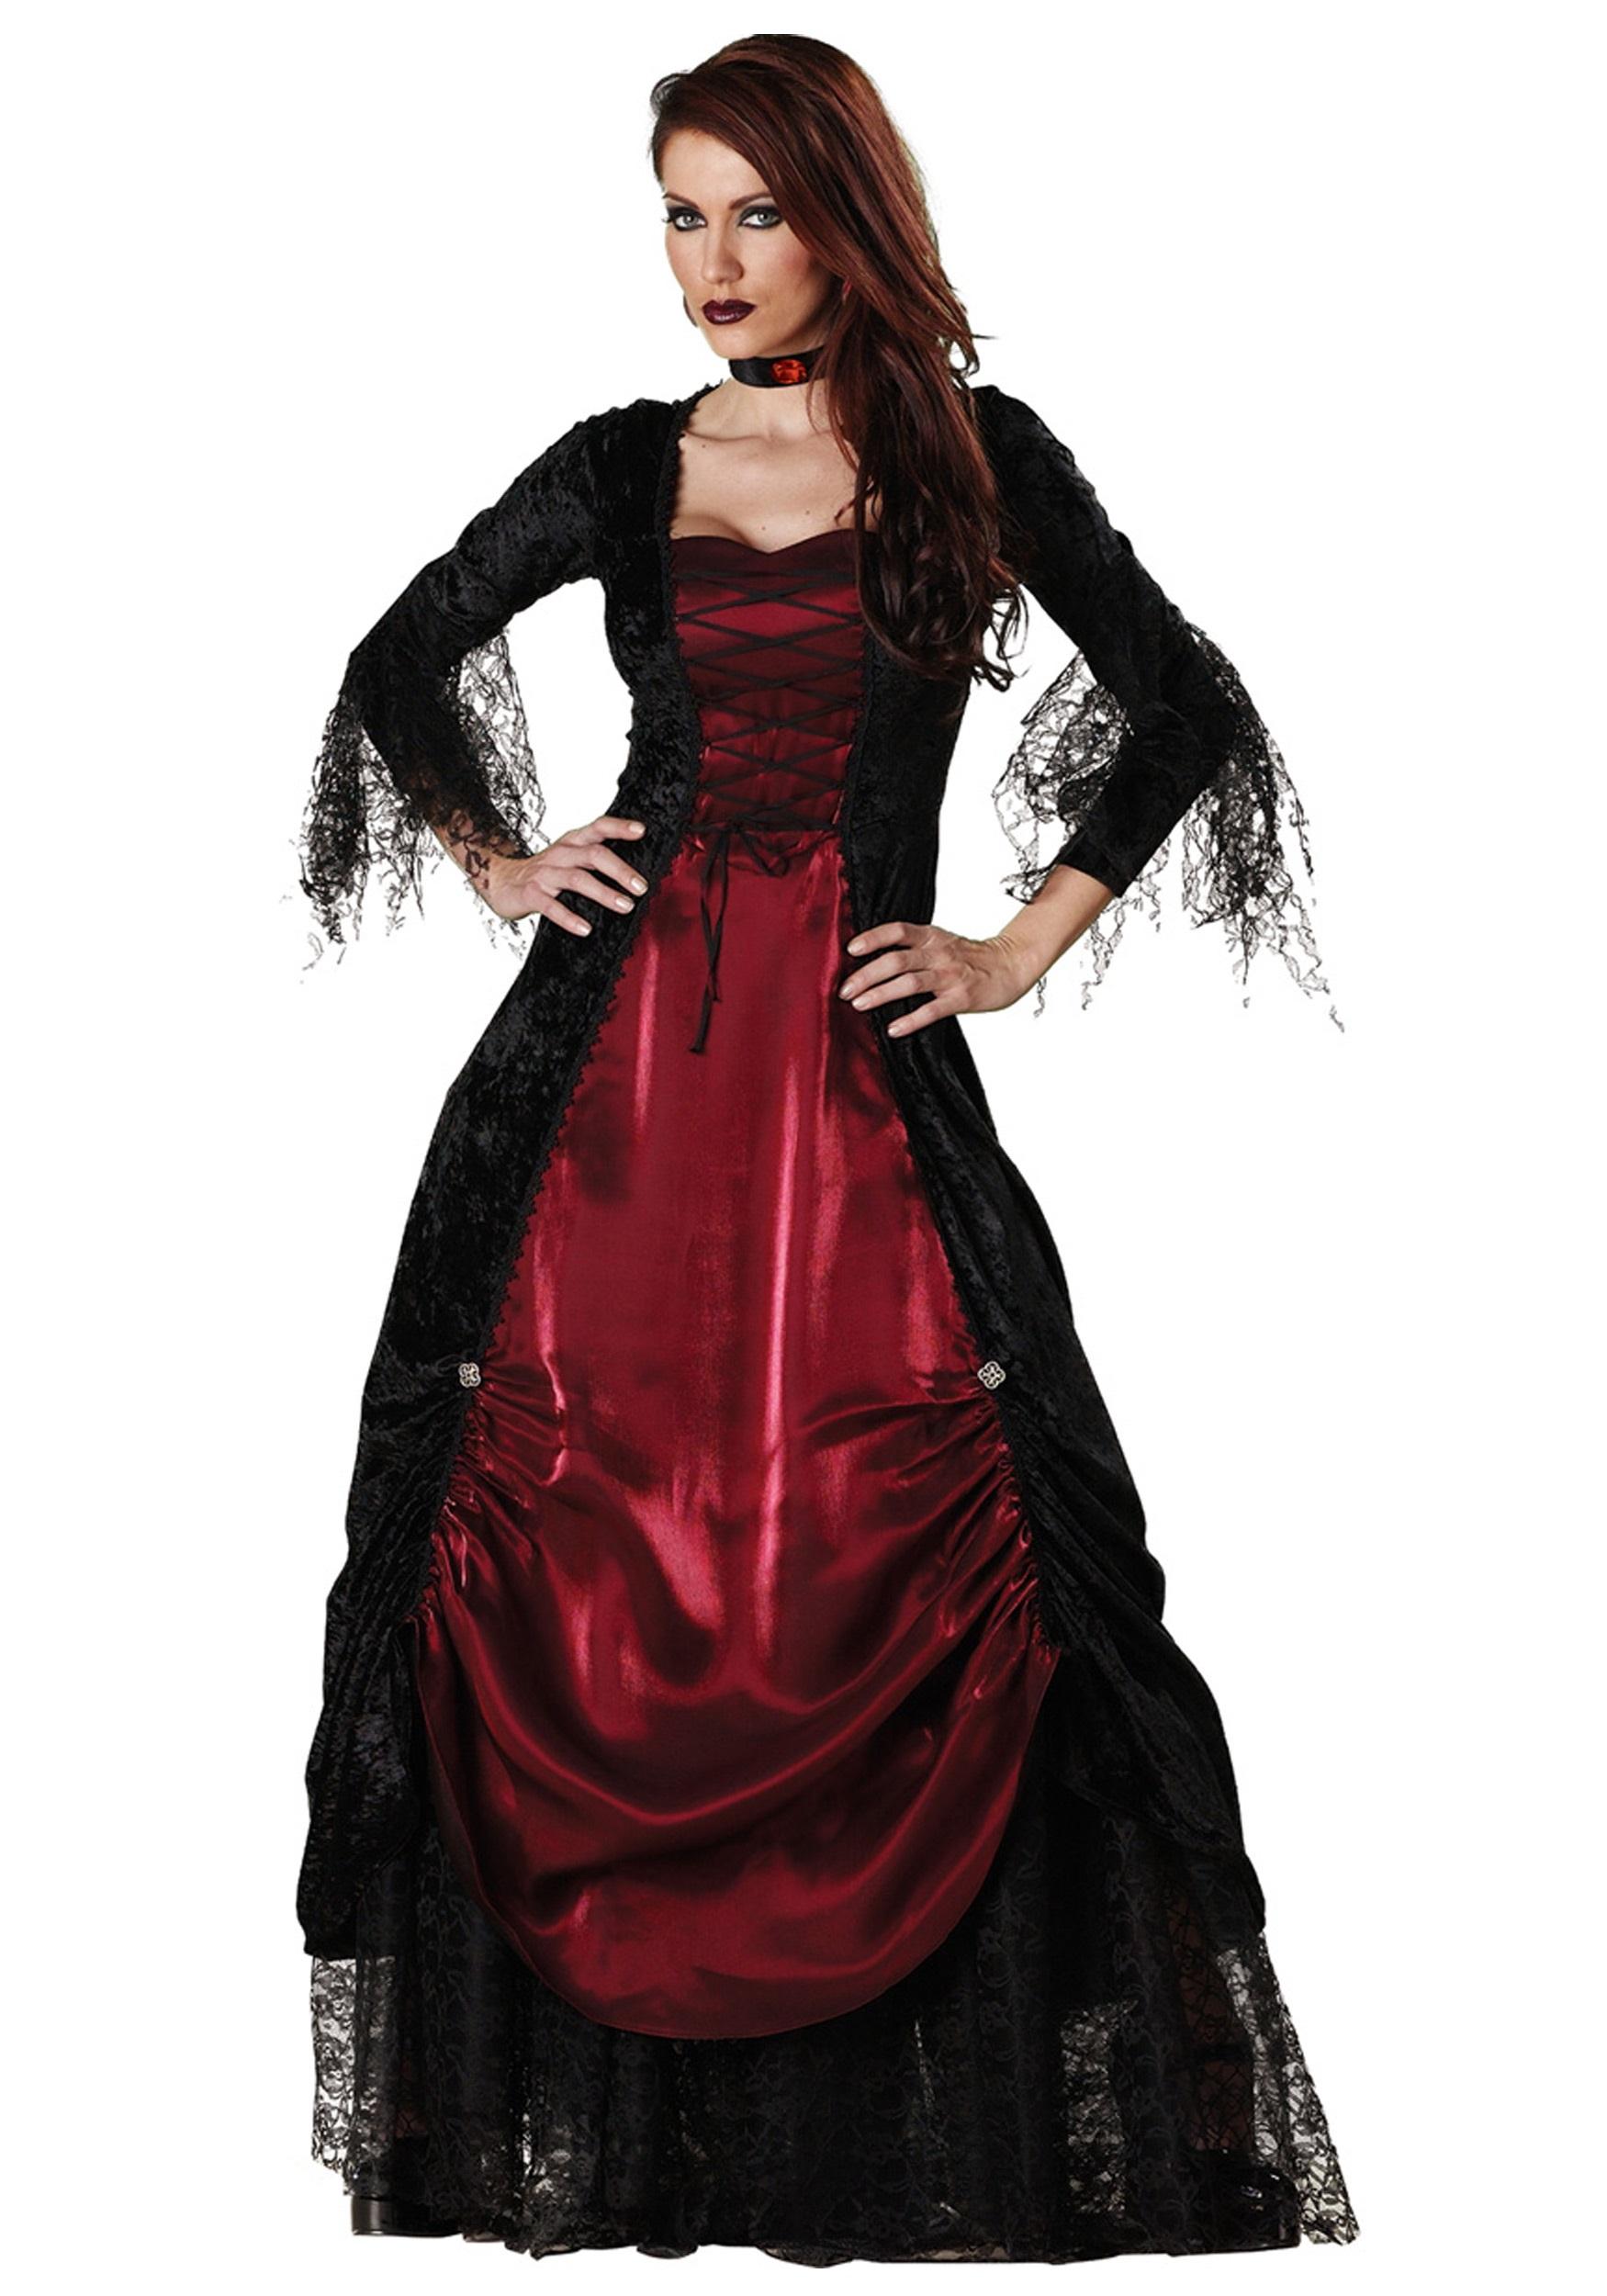 female vampire costumes.